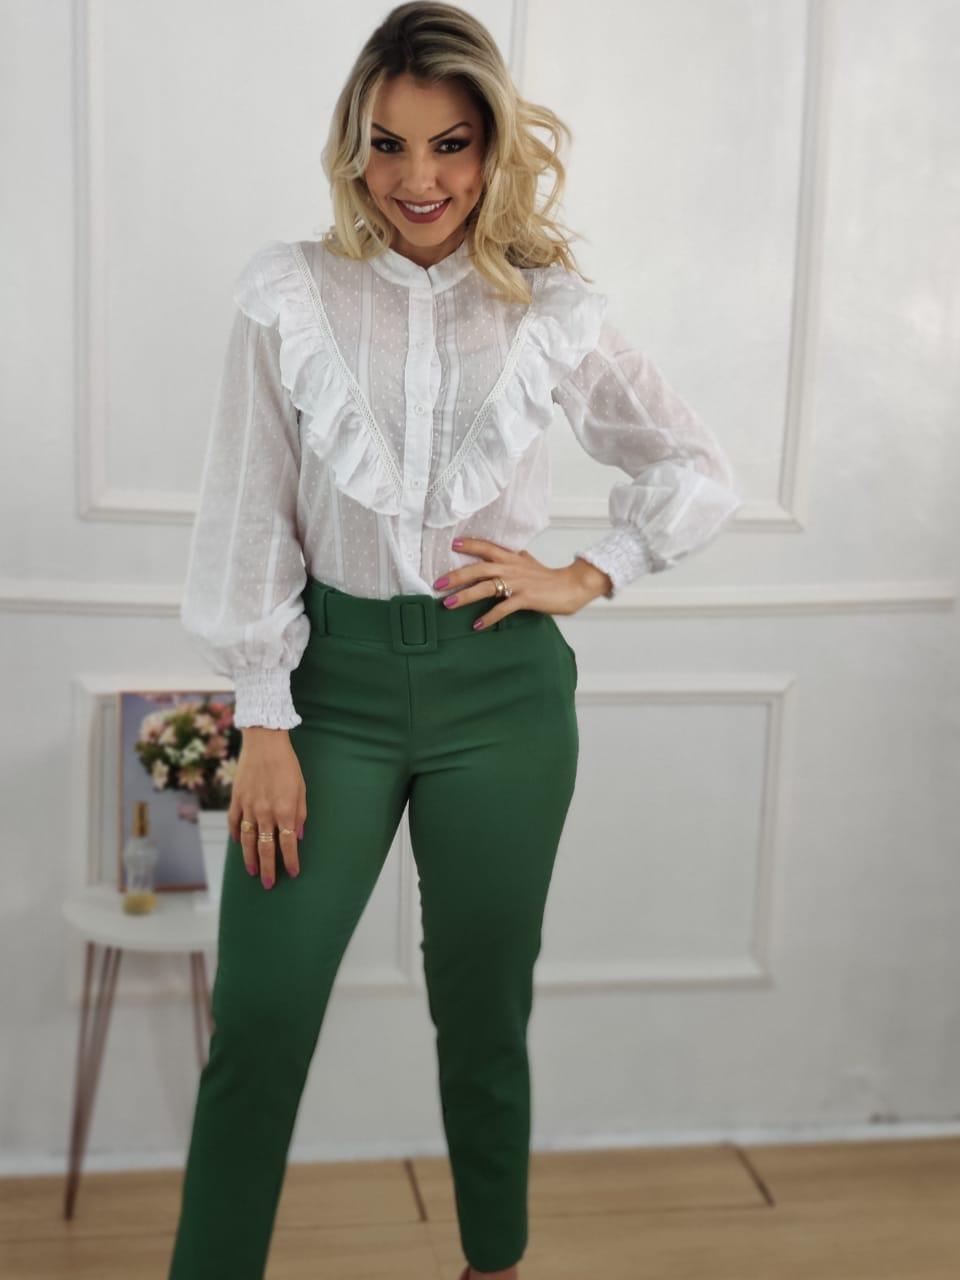 Look: 1 Camisa Manga Longa Babados Illusion Branca + 1 Calça Skinny Cinto Encapado Verde Bandeira